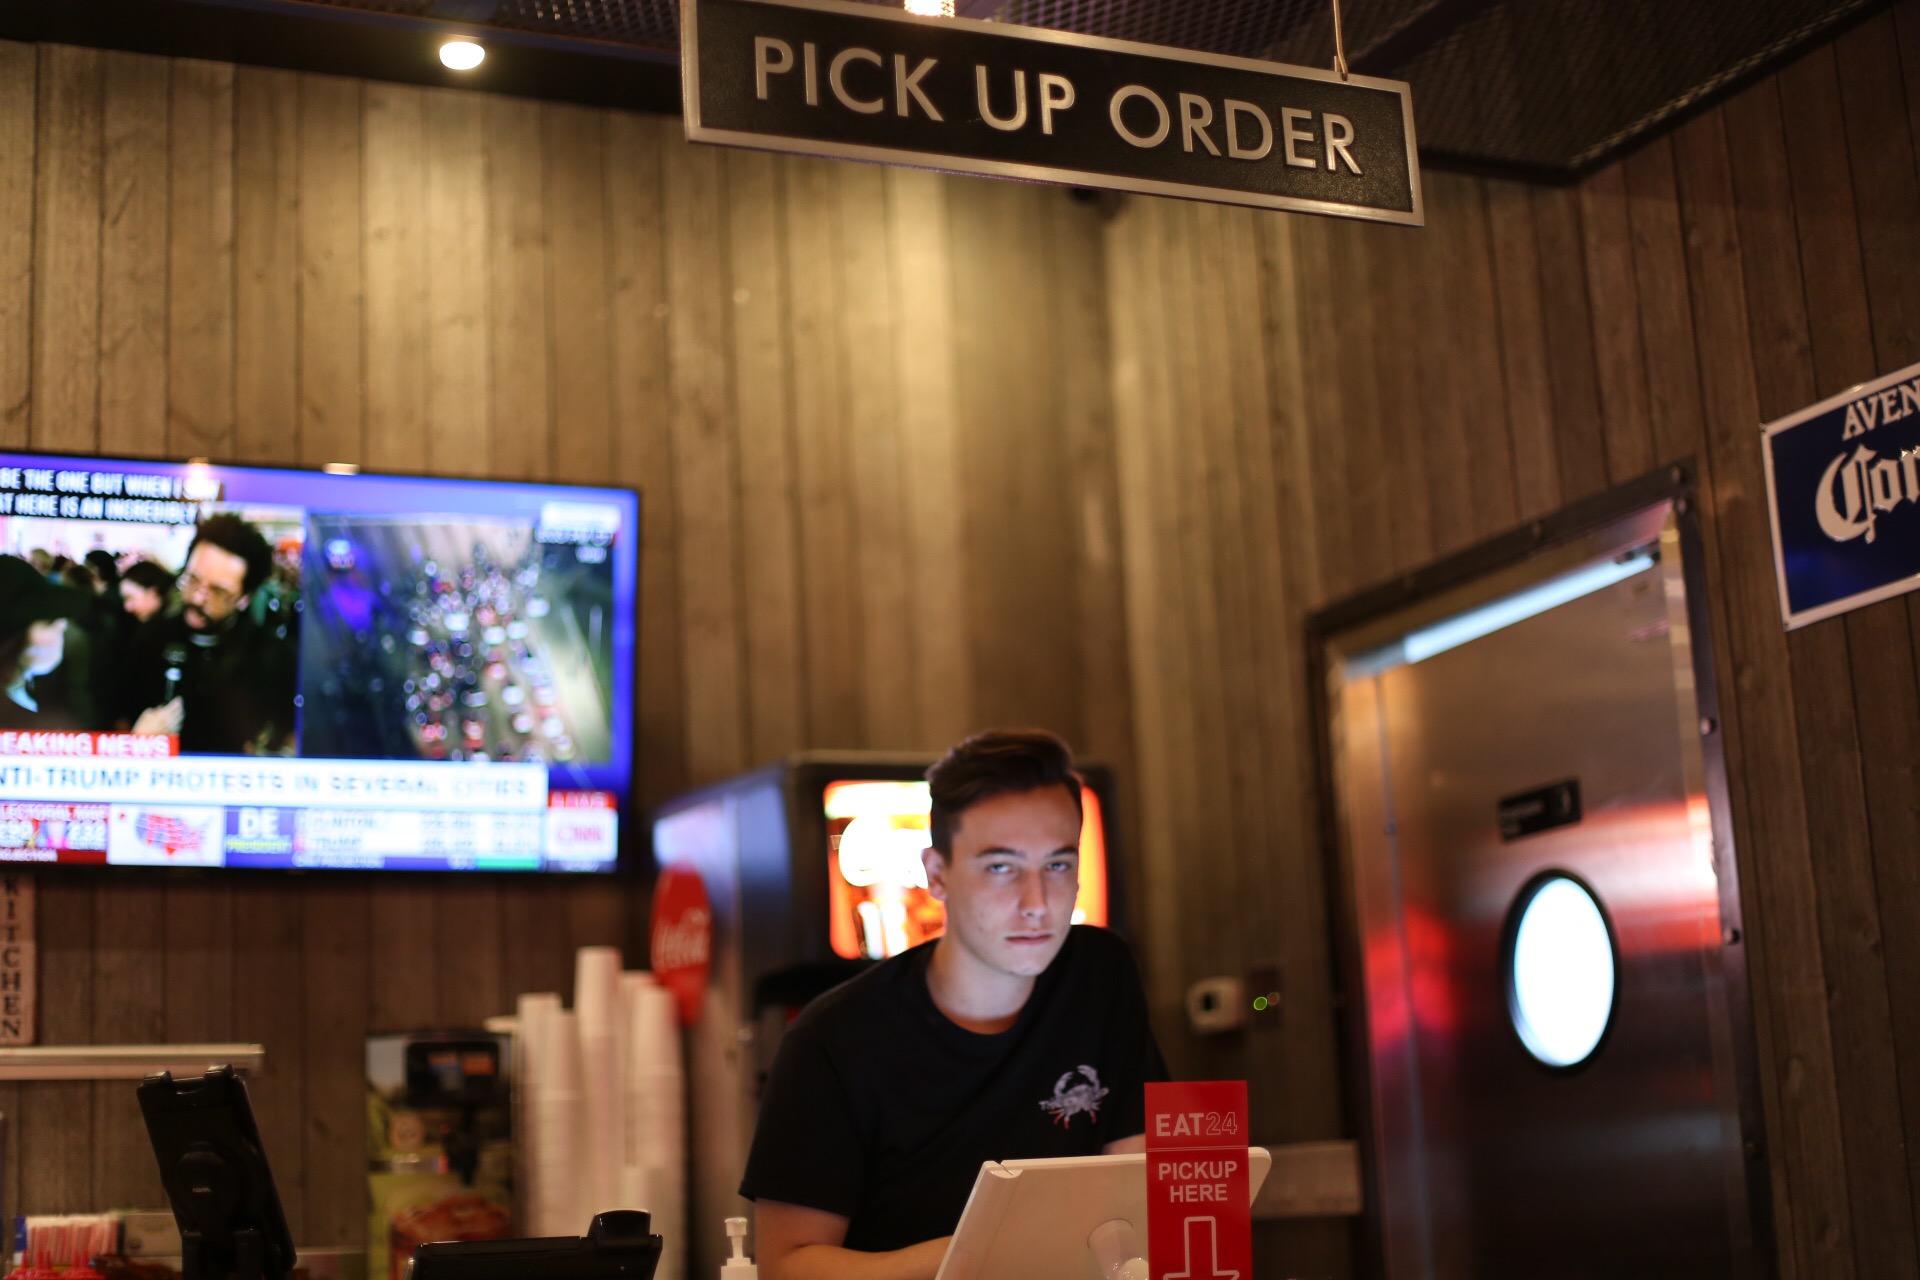 Pick Up Order Station